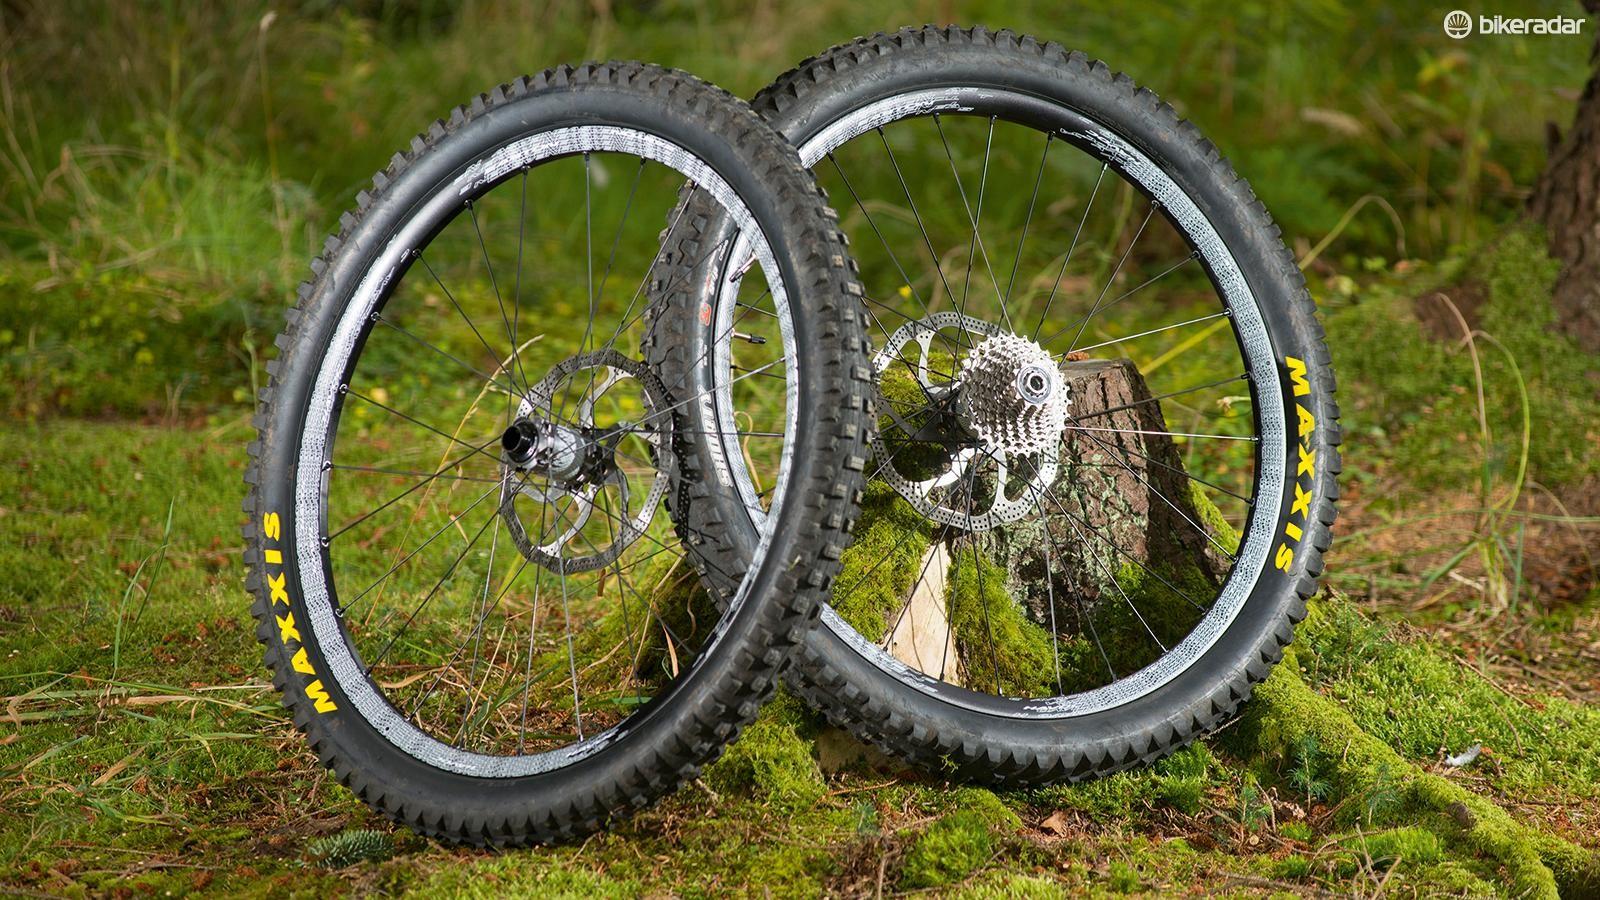 Easton Havoc UST 26 wheelset